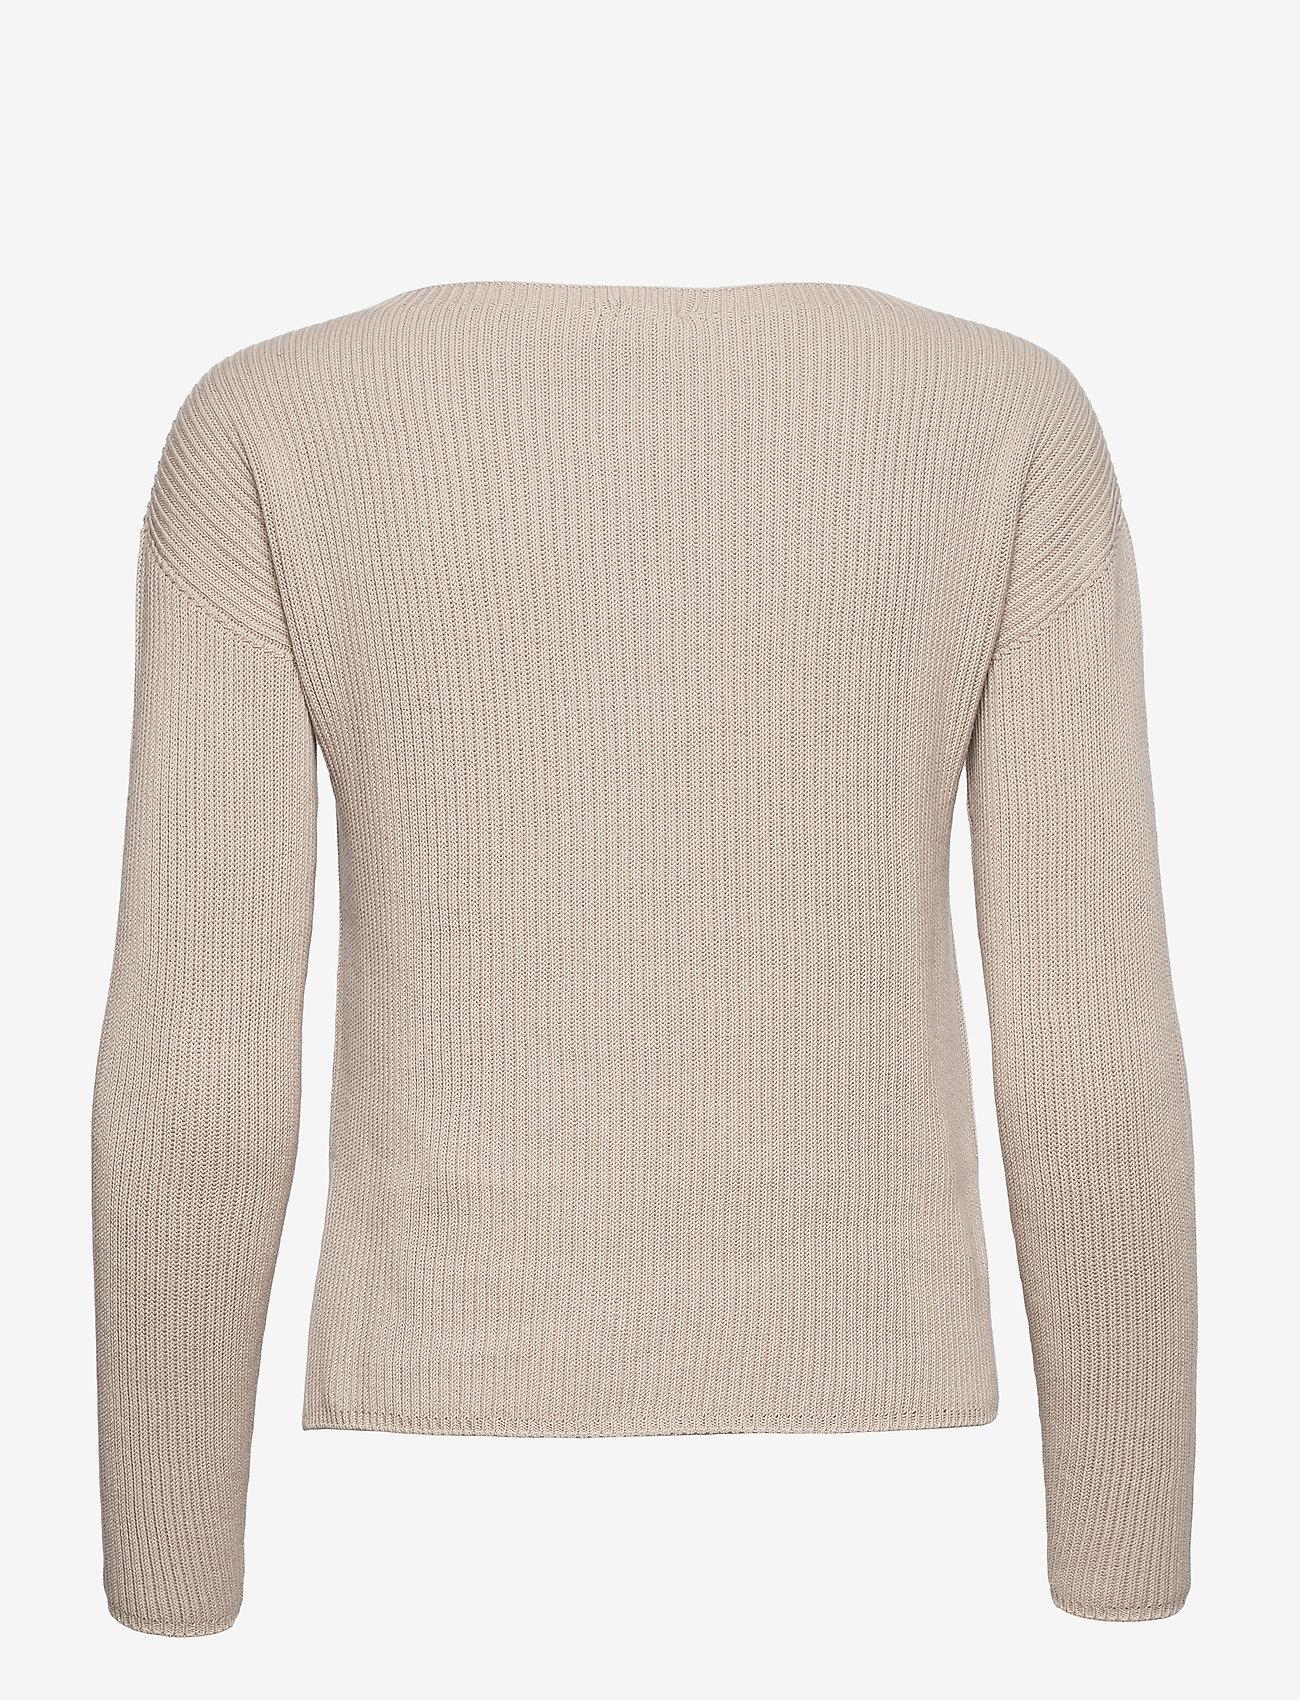 Max Mara Leisure - CIRO - sweaters - beige - 1